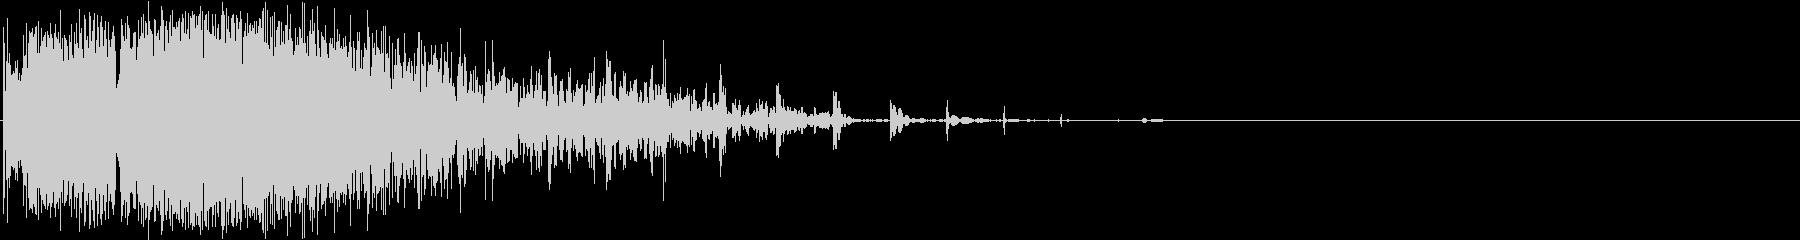 シューッという音の未再生の波形